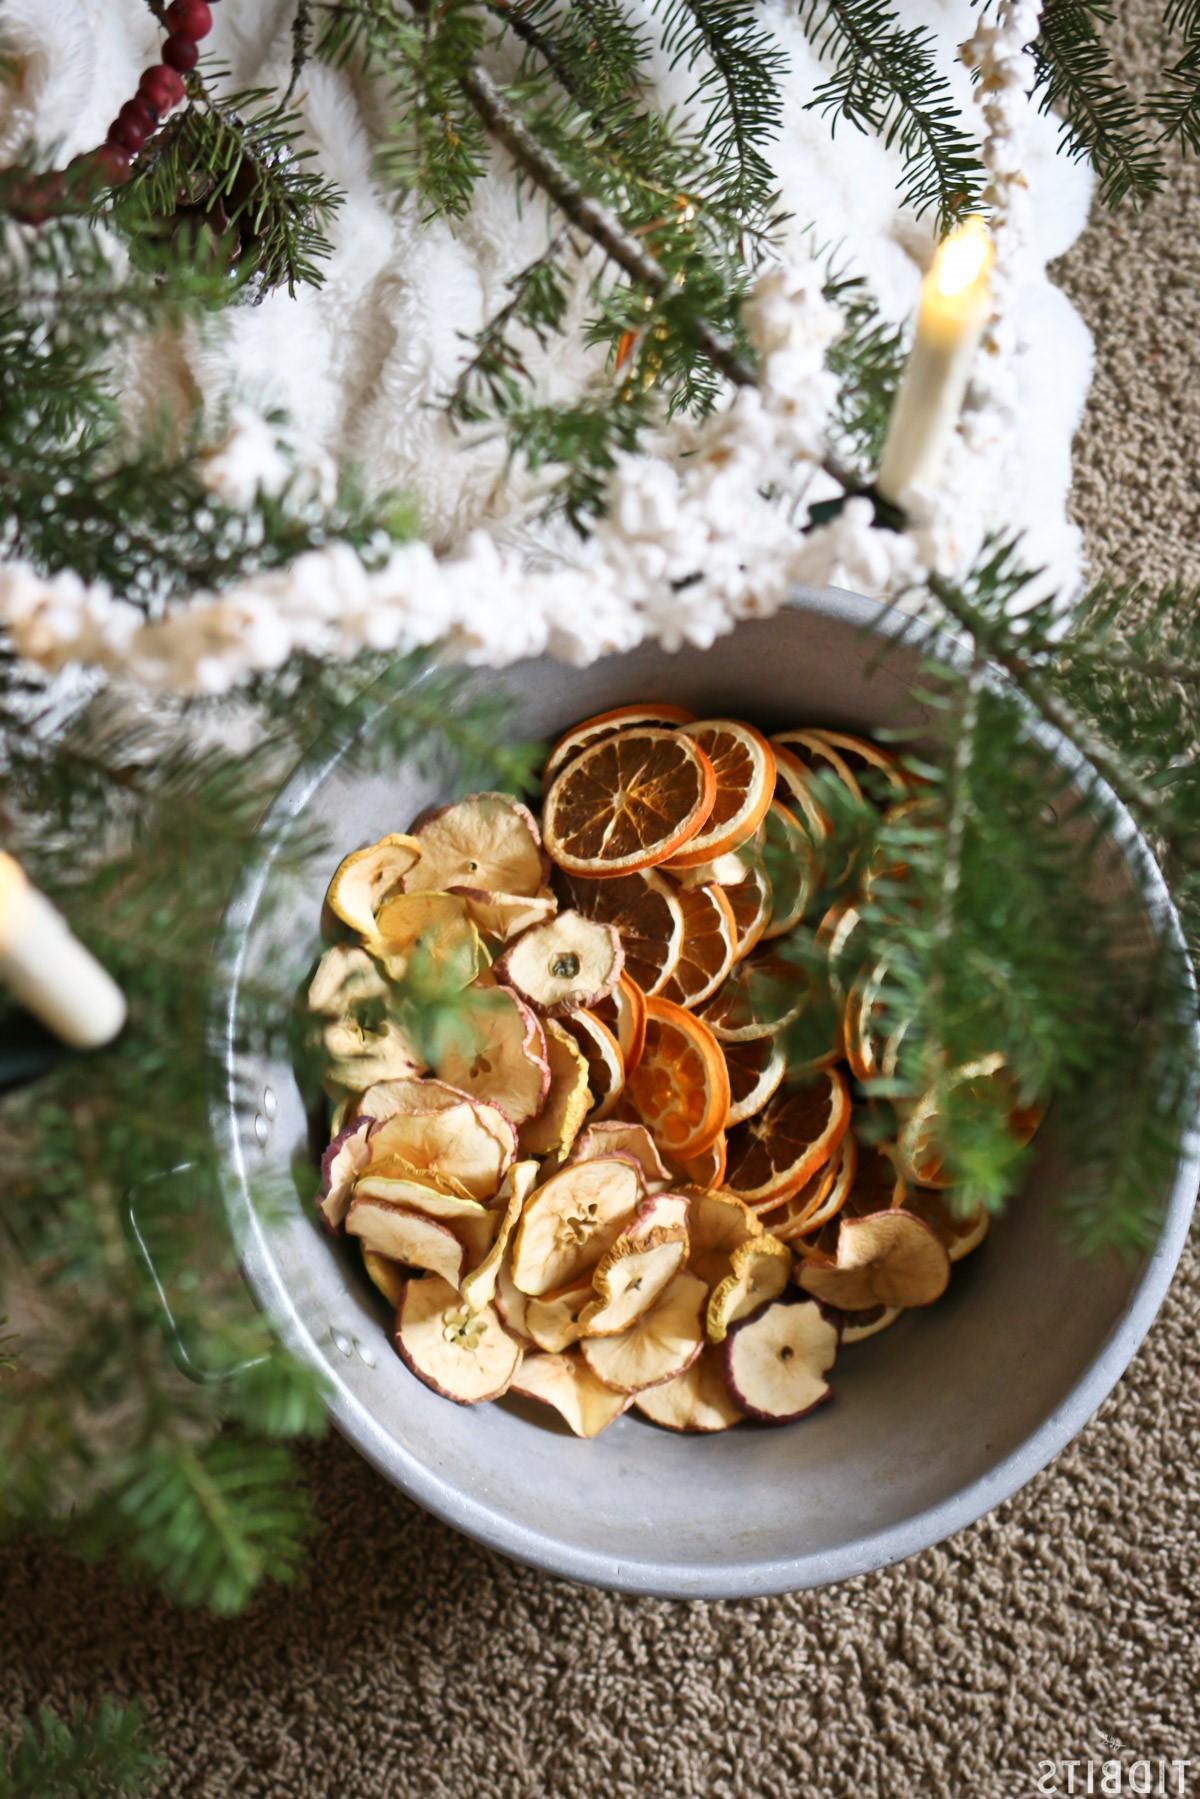 Décoration de Noël naturelle: panier rempli de fruits secs.